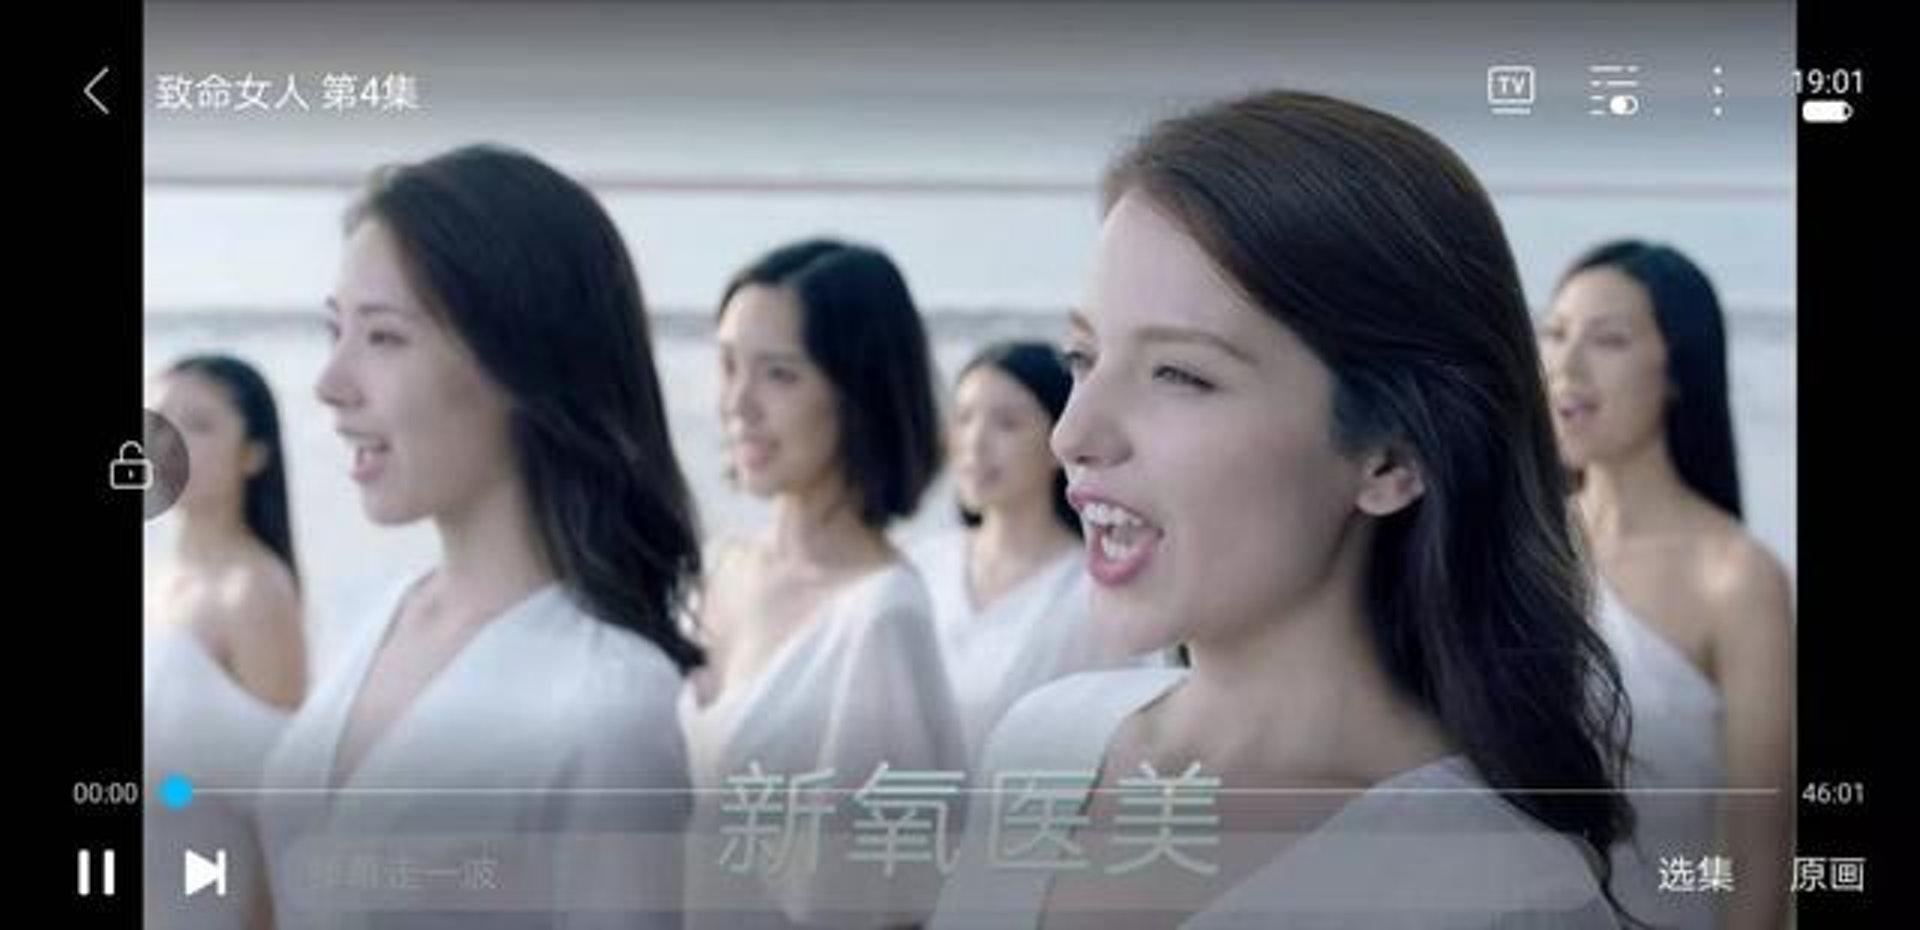 人人影視會在上傳的影視資源上加入片頭廣告。(影片截圖)